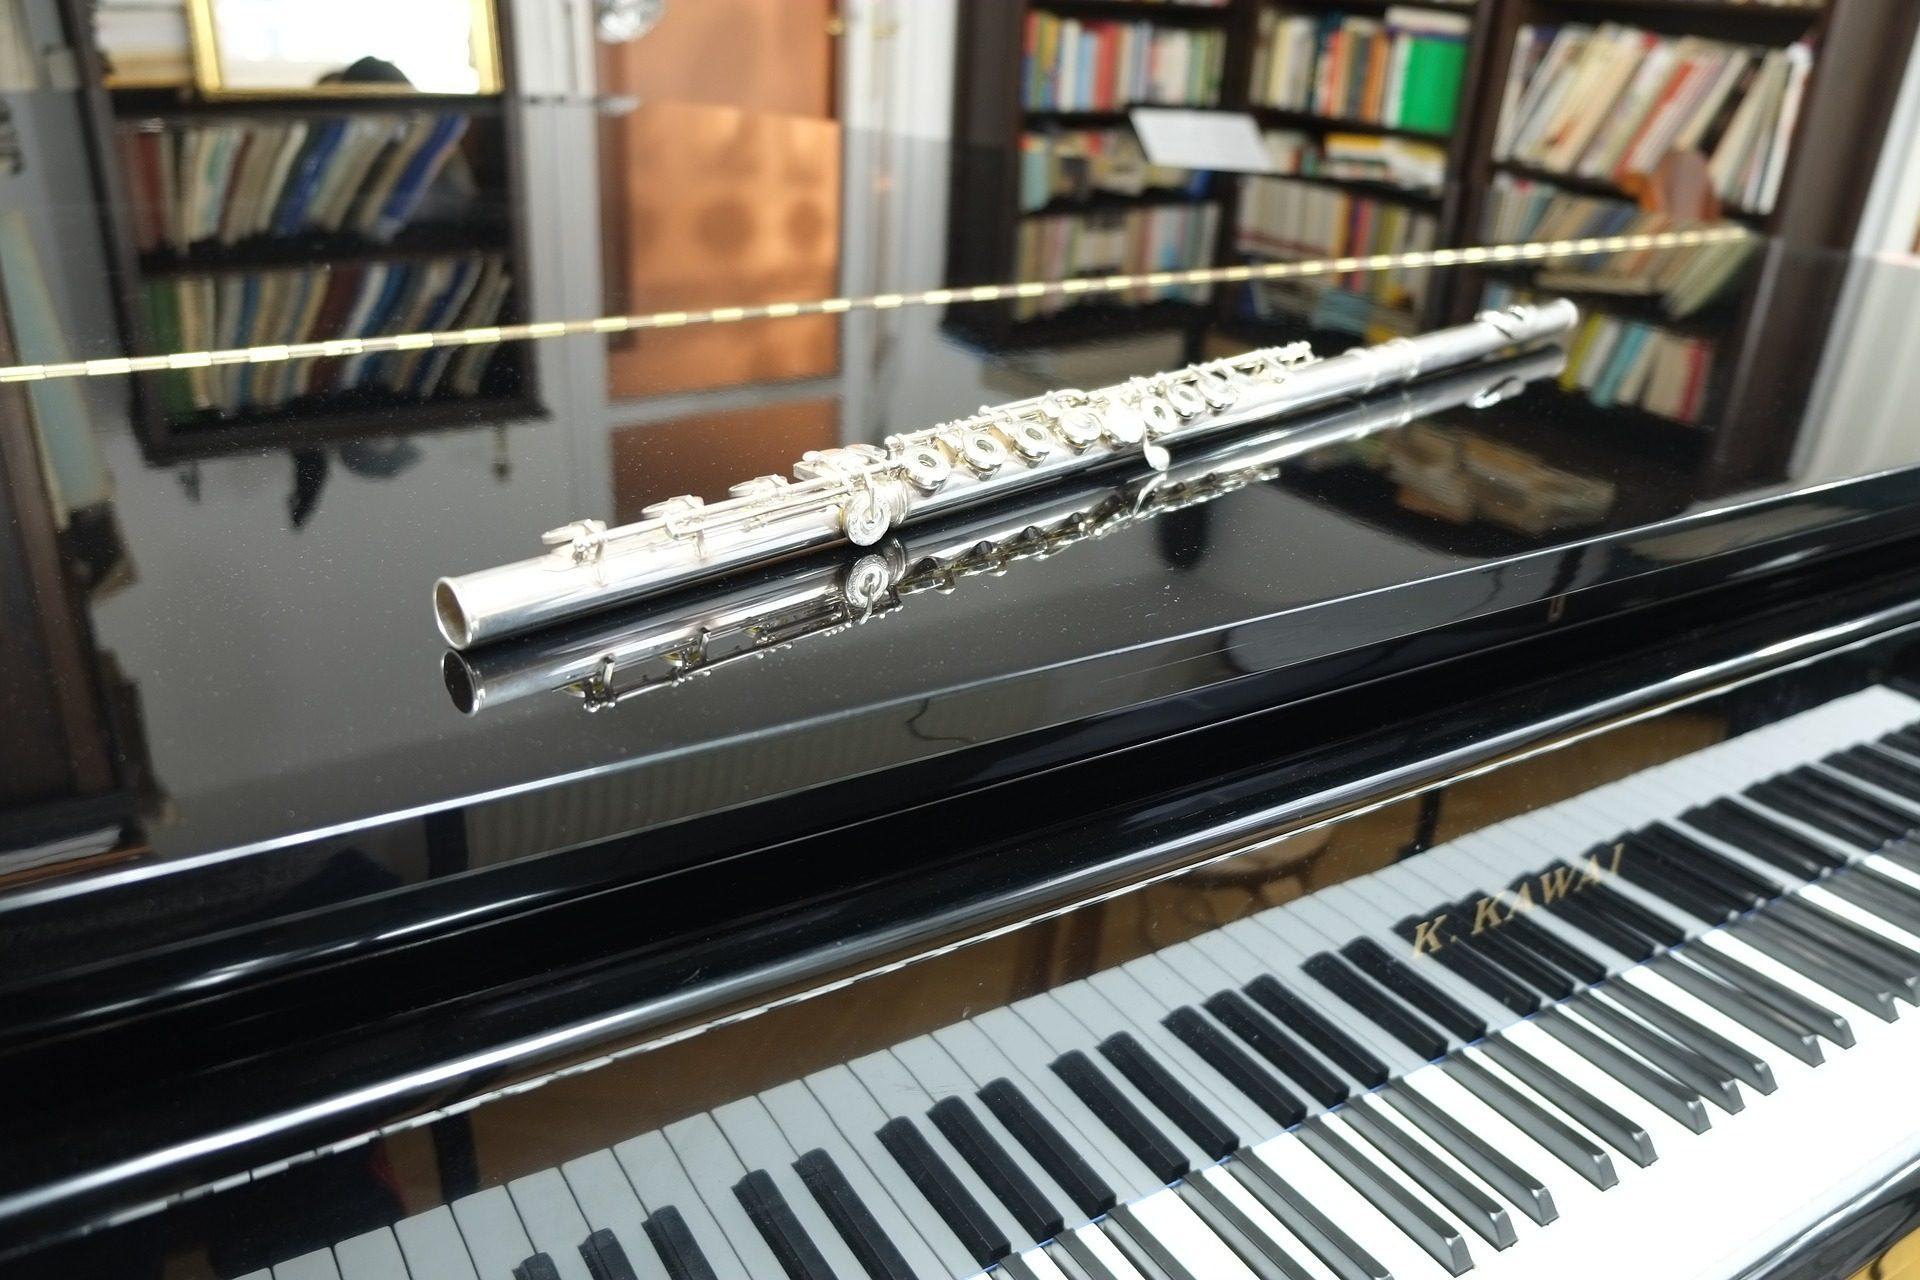 piano, flauta, instrumentos, chaves, estantes, discos - Papéis de parede HD - Professor-falken.com